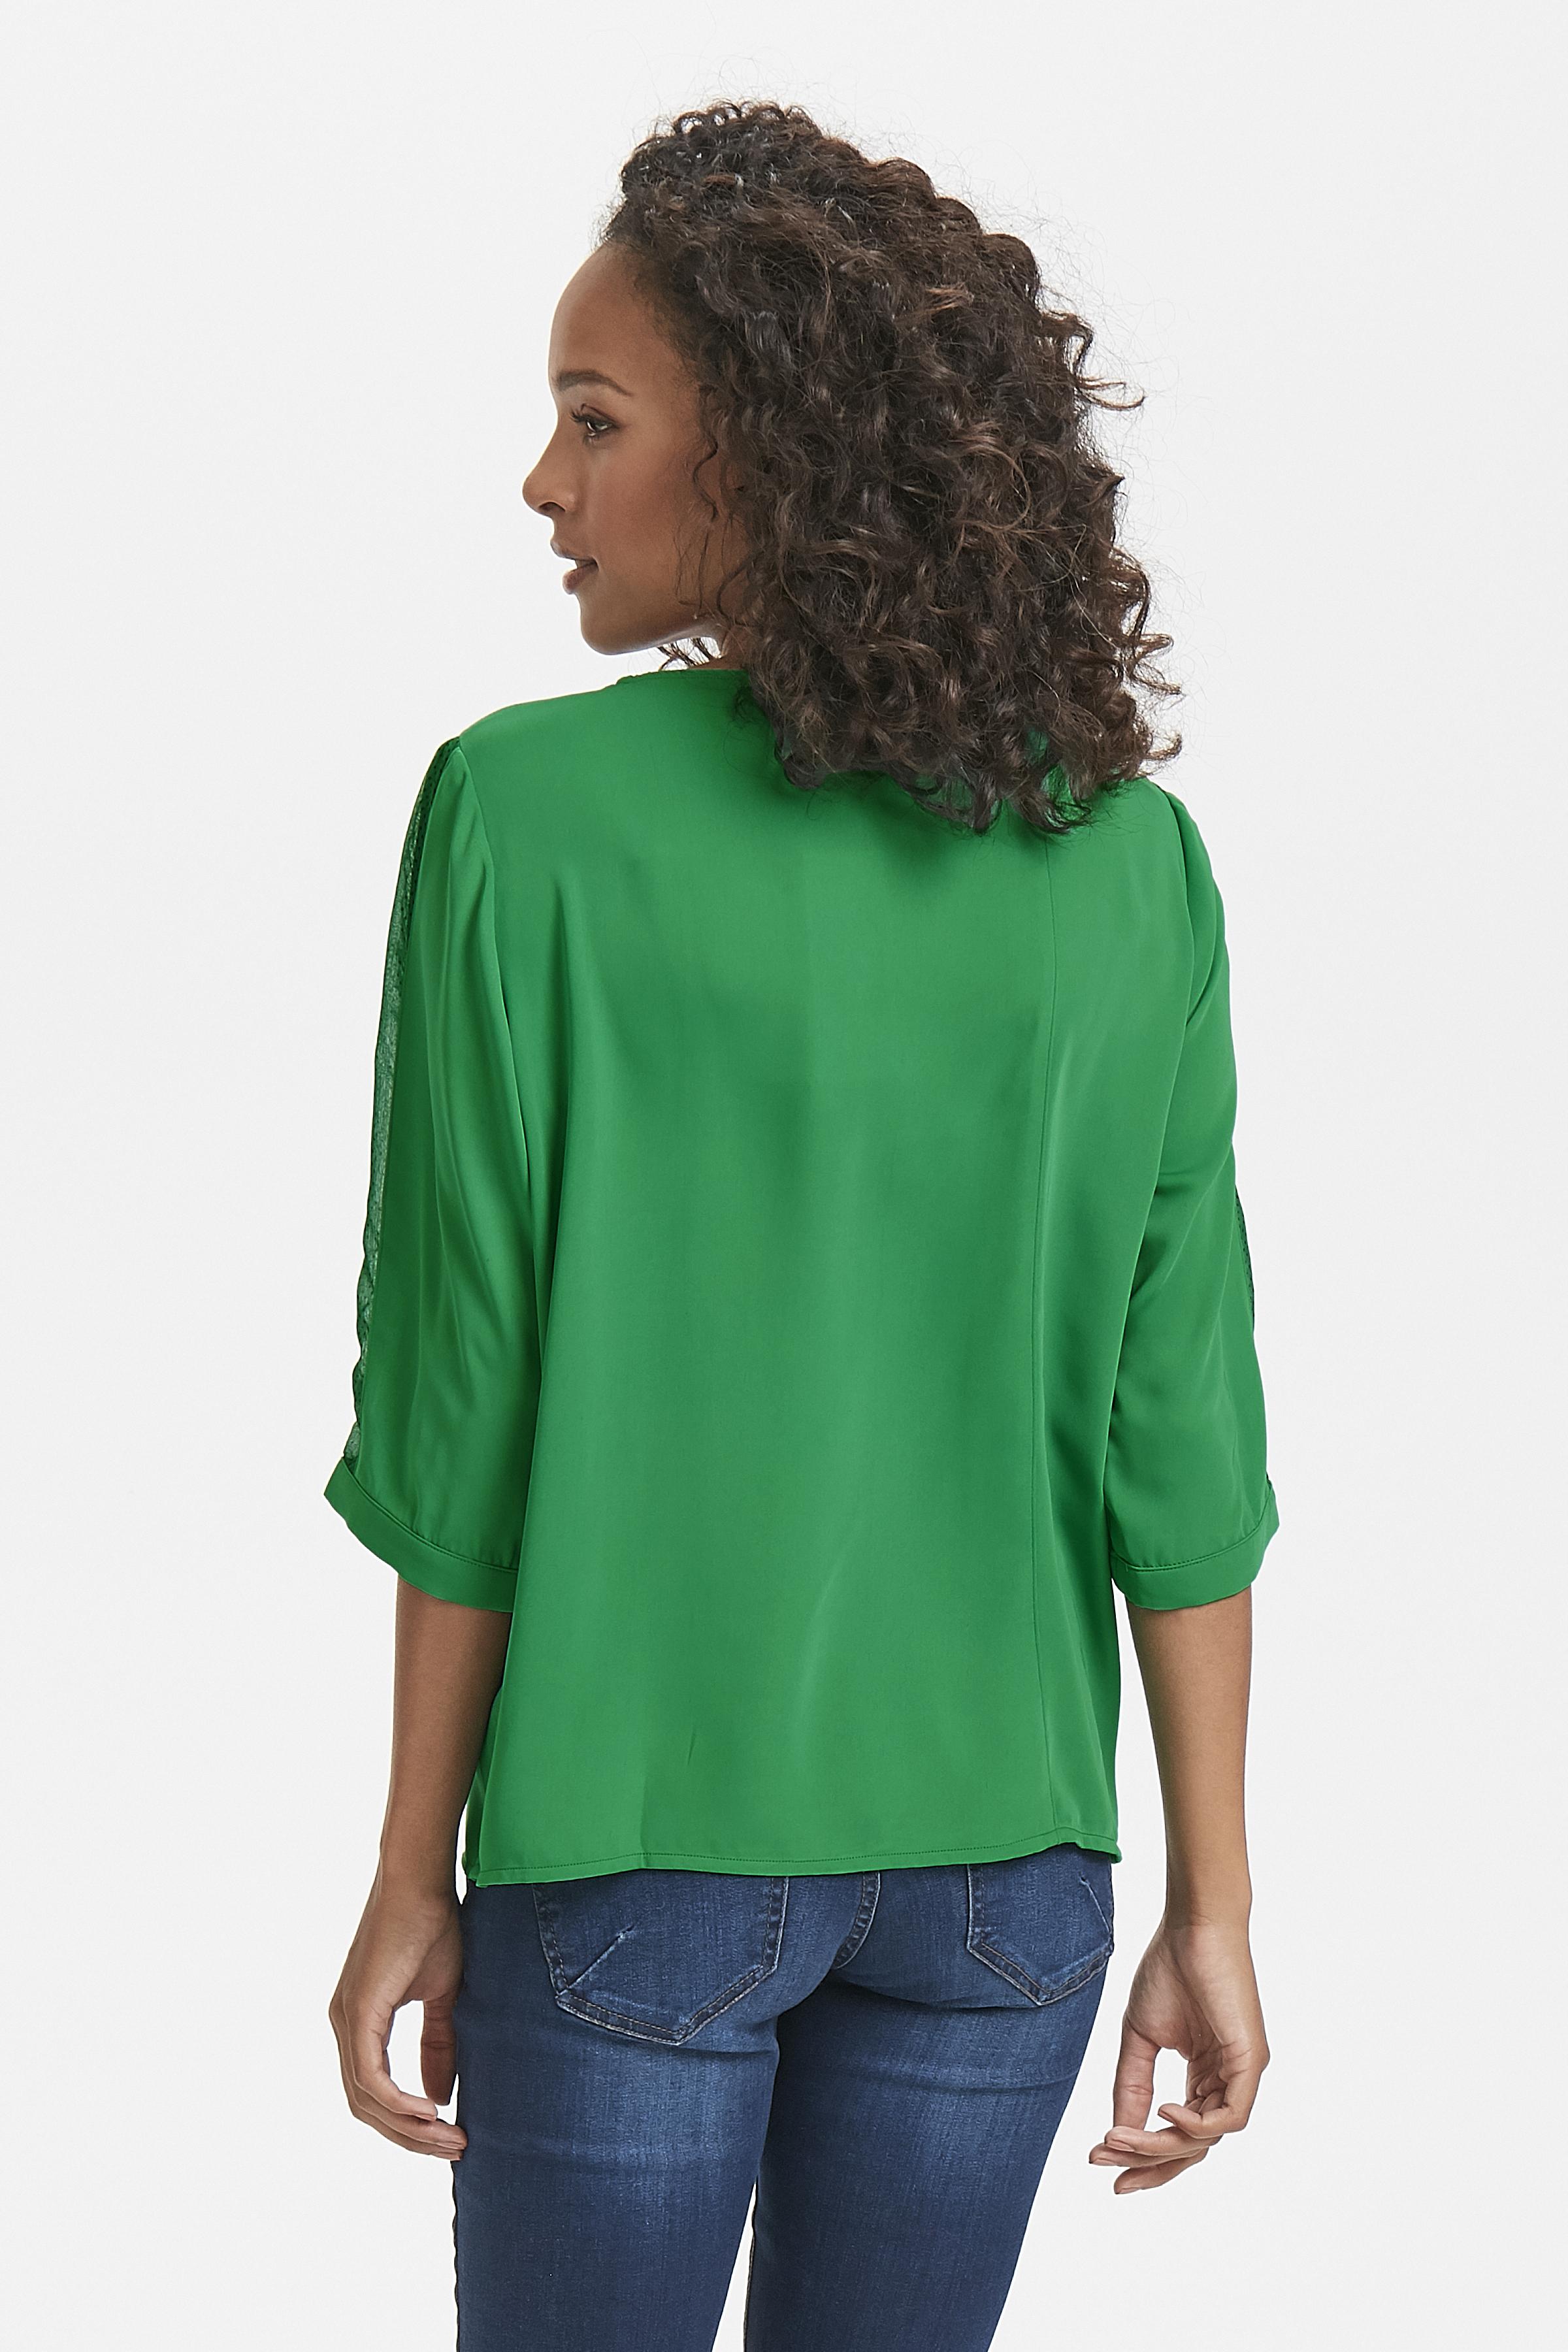 Grön Kortärmad blus från Fransa – Köp Grön Kortärmad blus från stl. XS-XXL här